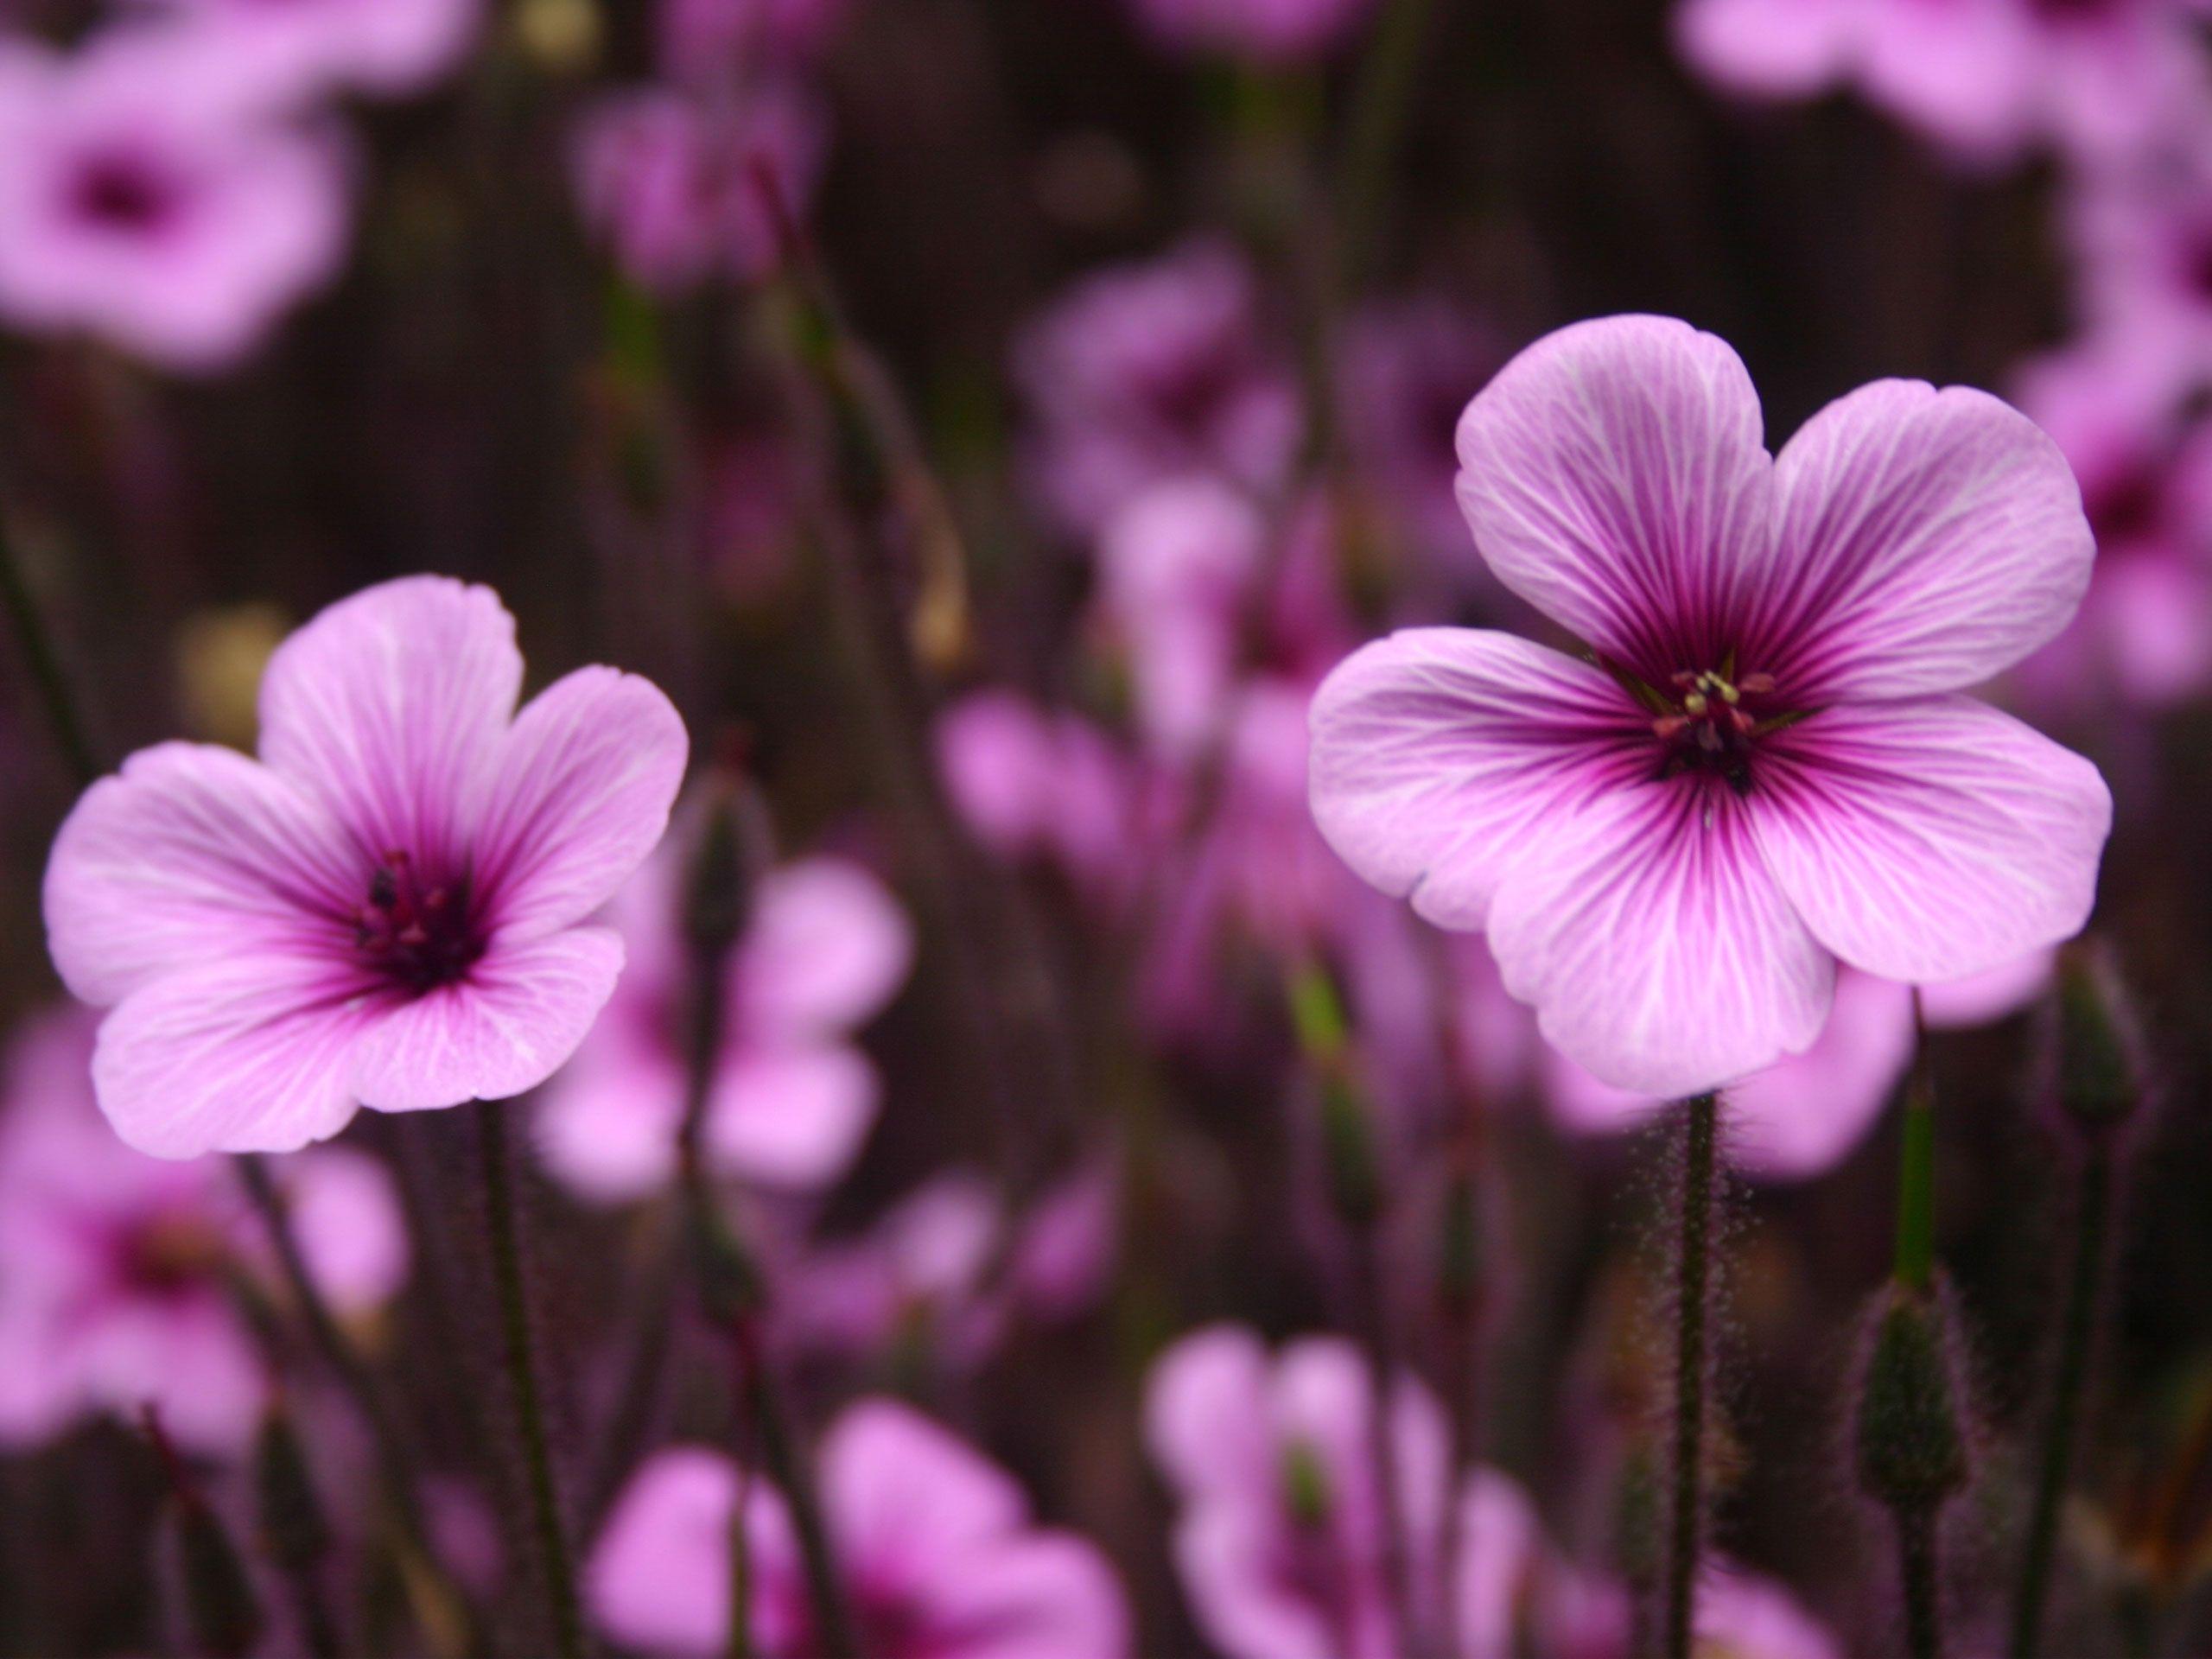 Hd Flower Wallpaper Free Purple Flowers Wallpaper In The Garden